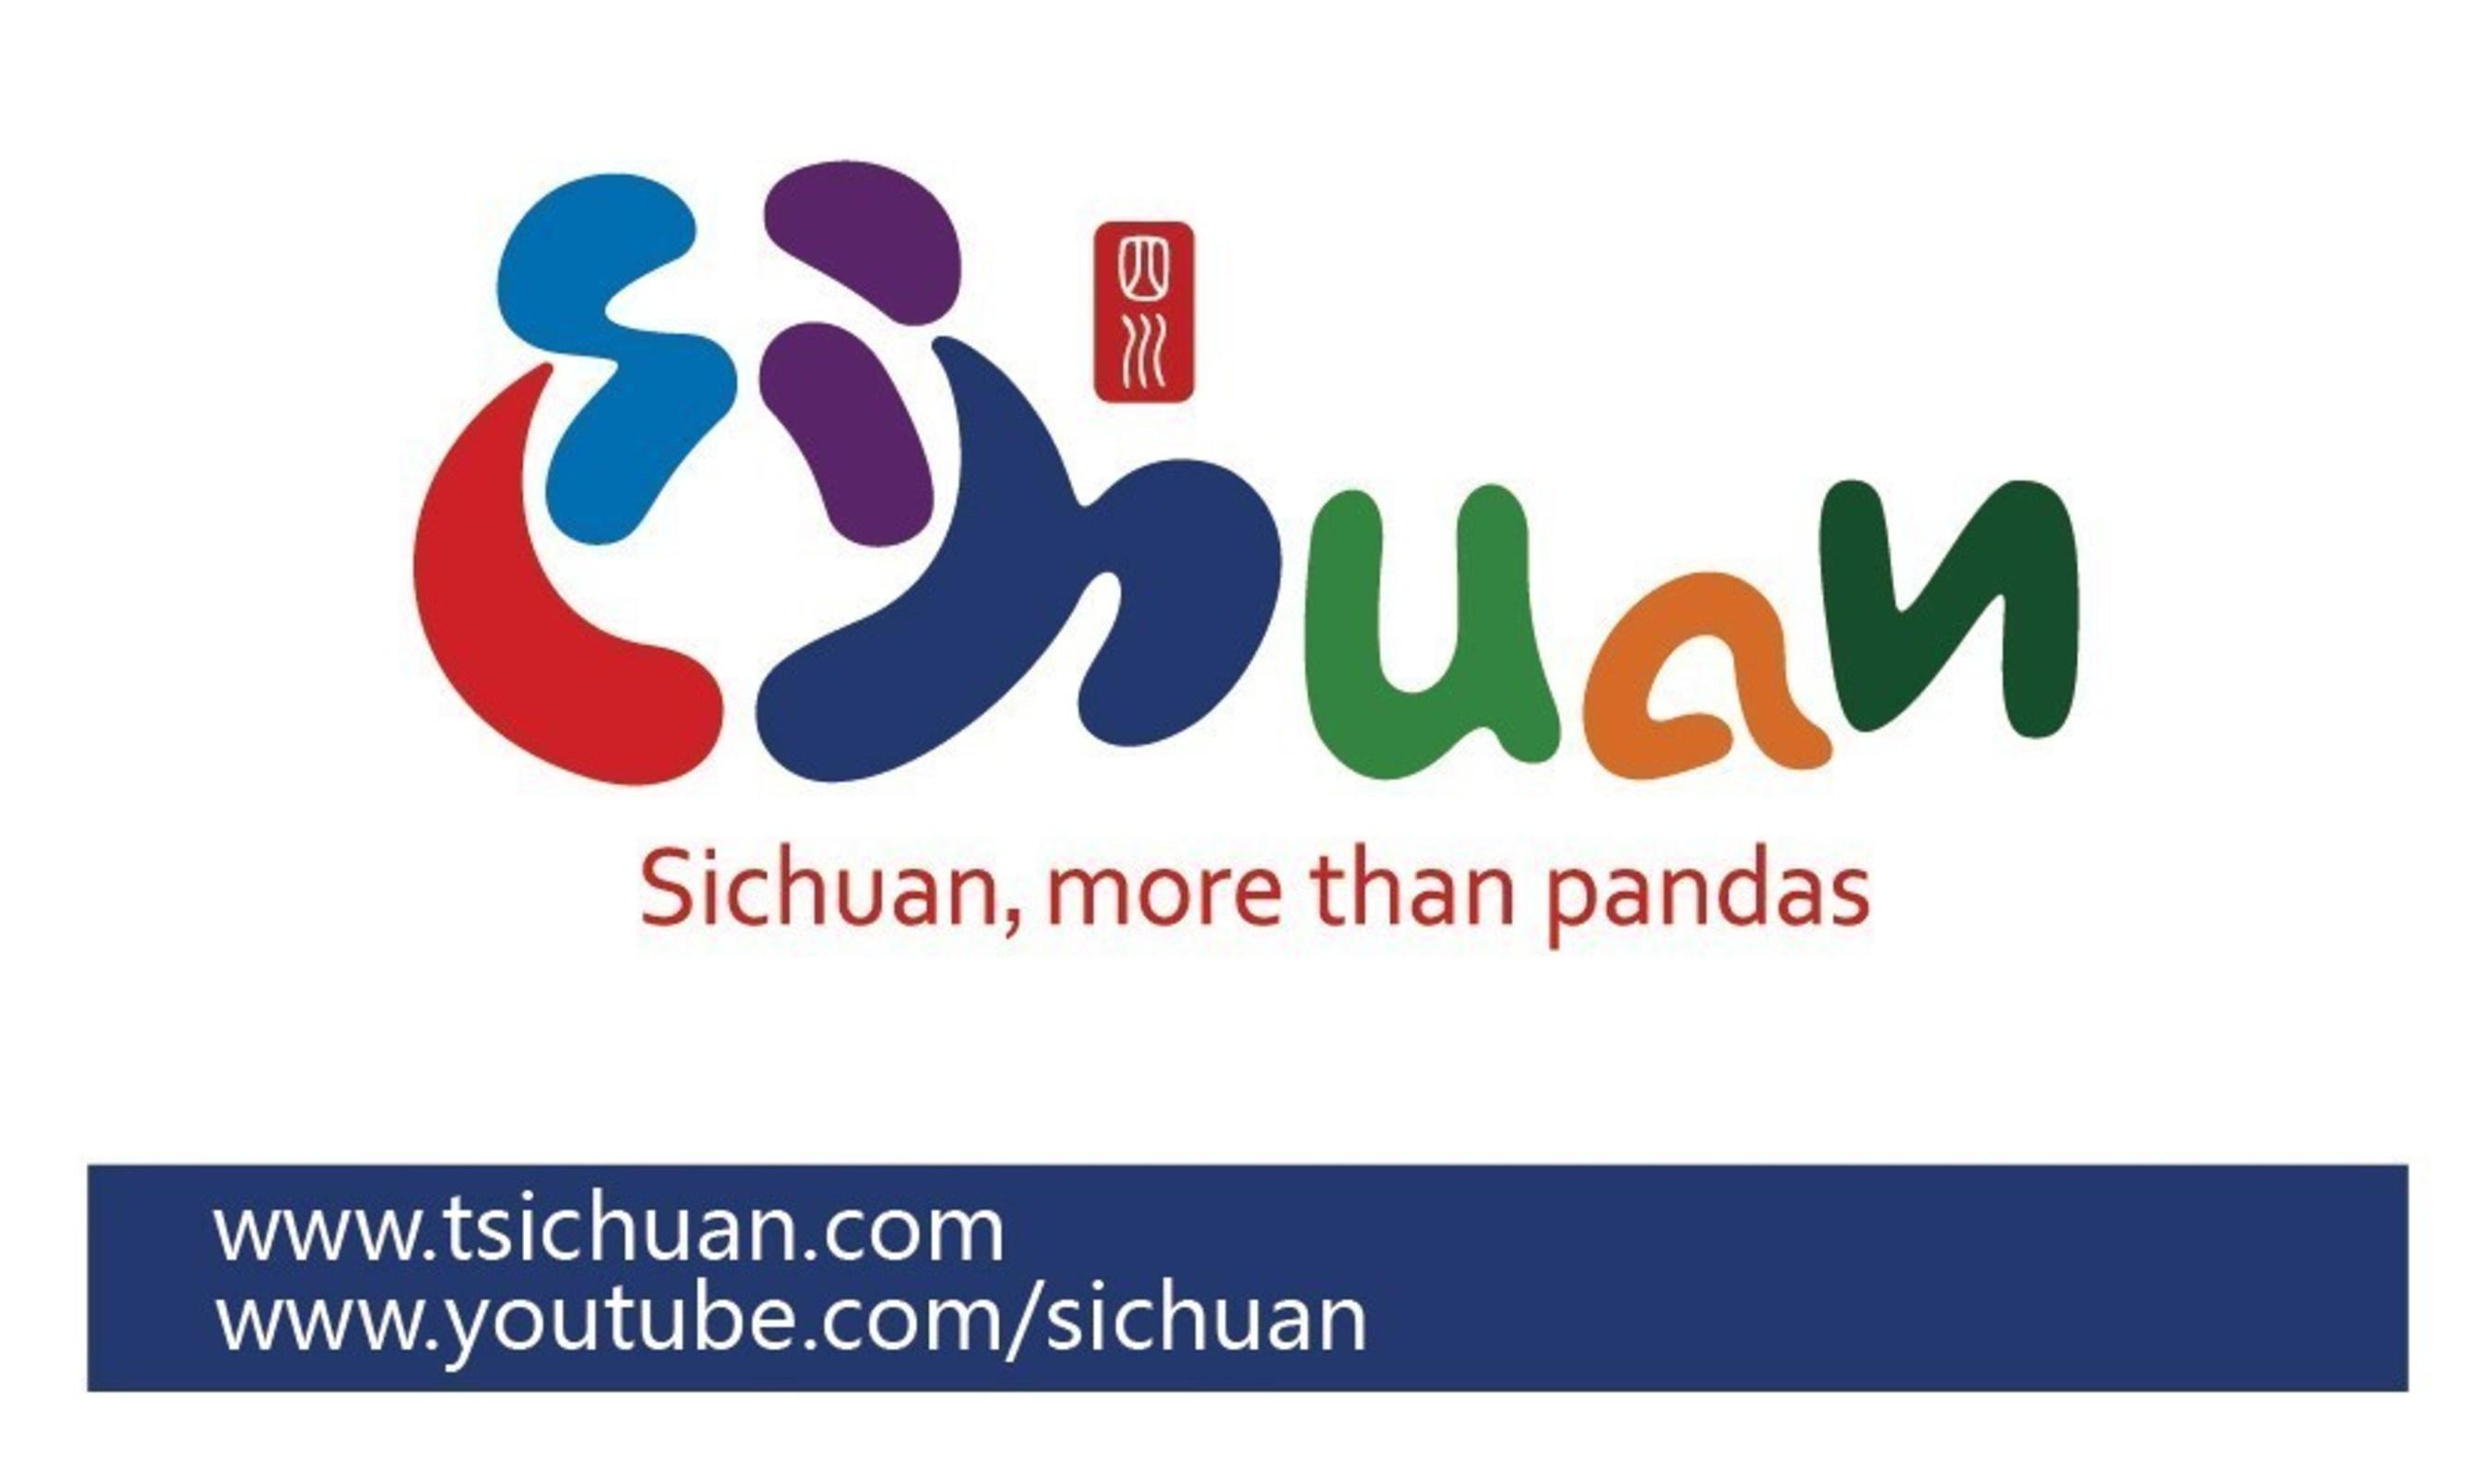 Le Sichuan, pas que des pandas -- La province chinoise du Sichuan présente un nouveau logo destiné